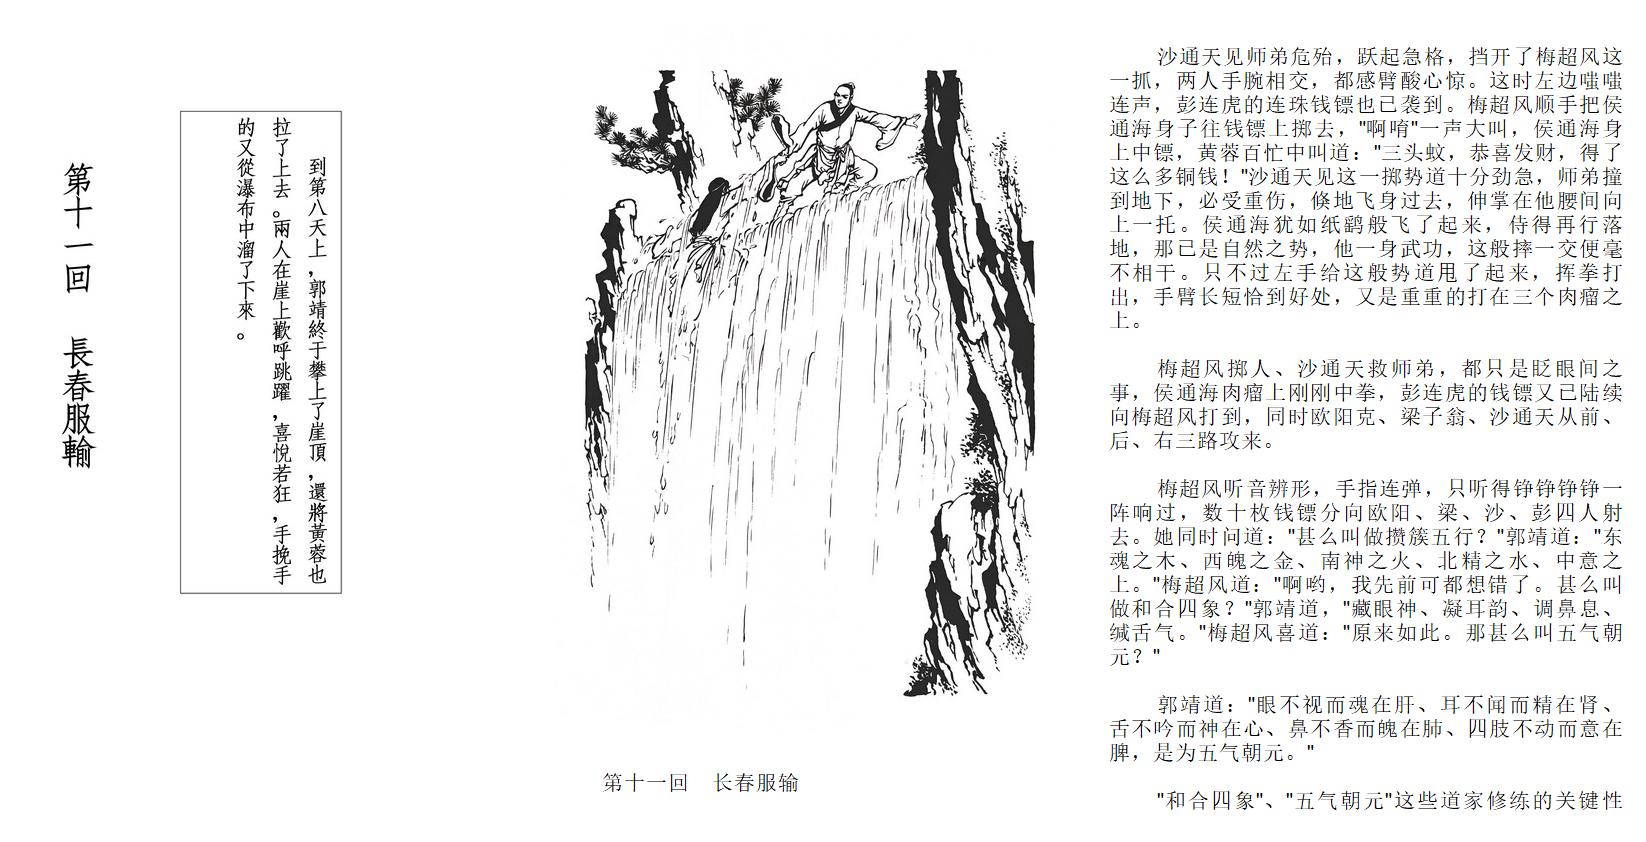 金庸作品合集若干(mobi,azw3,epub)